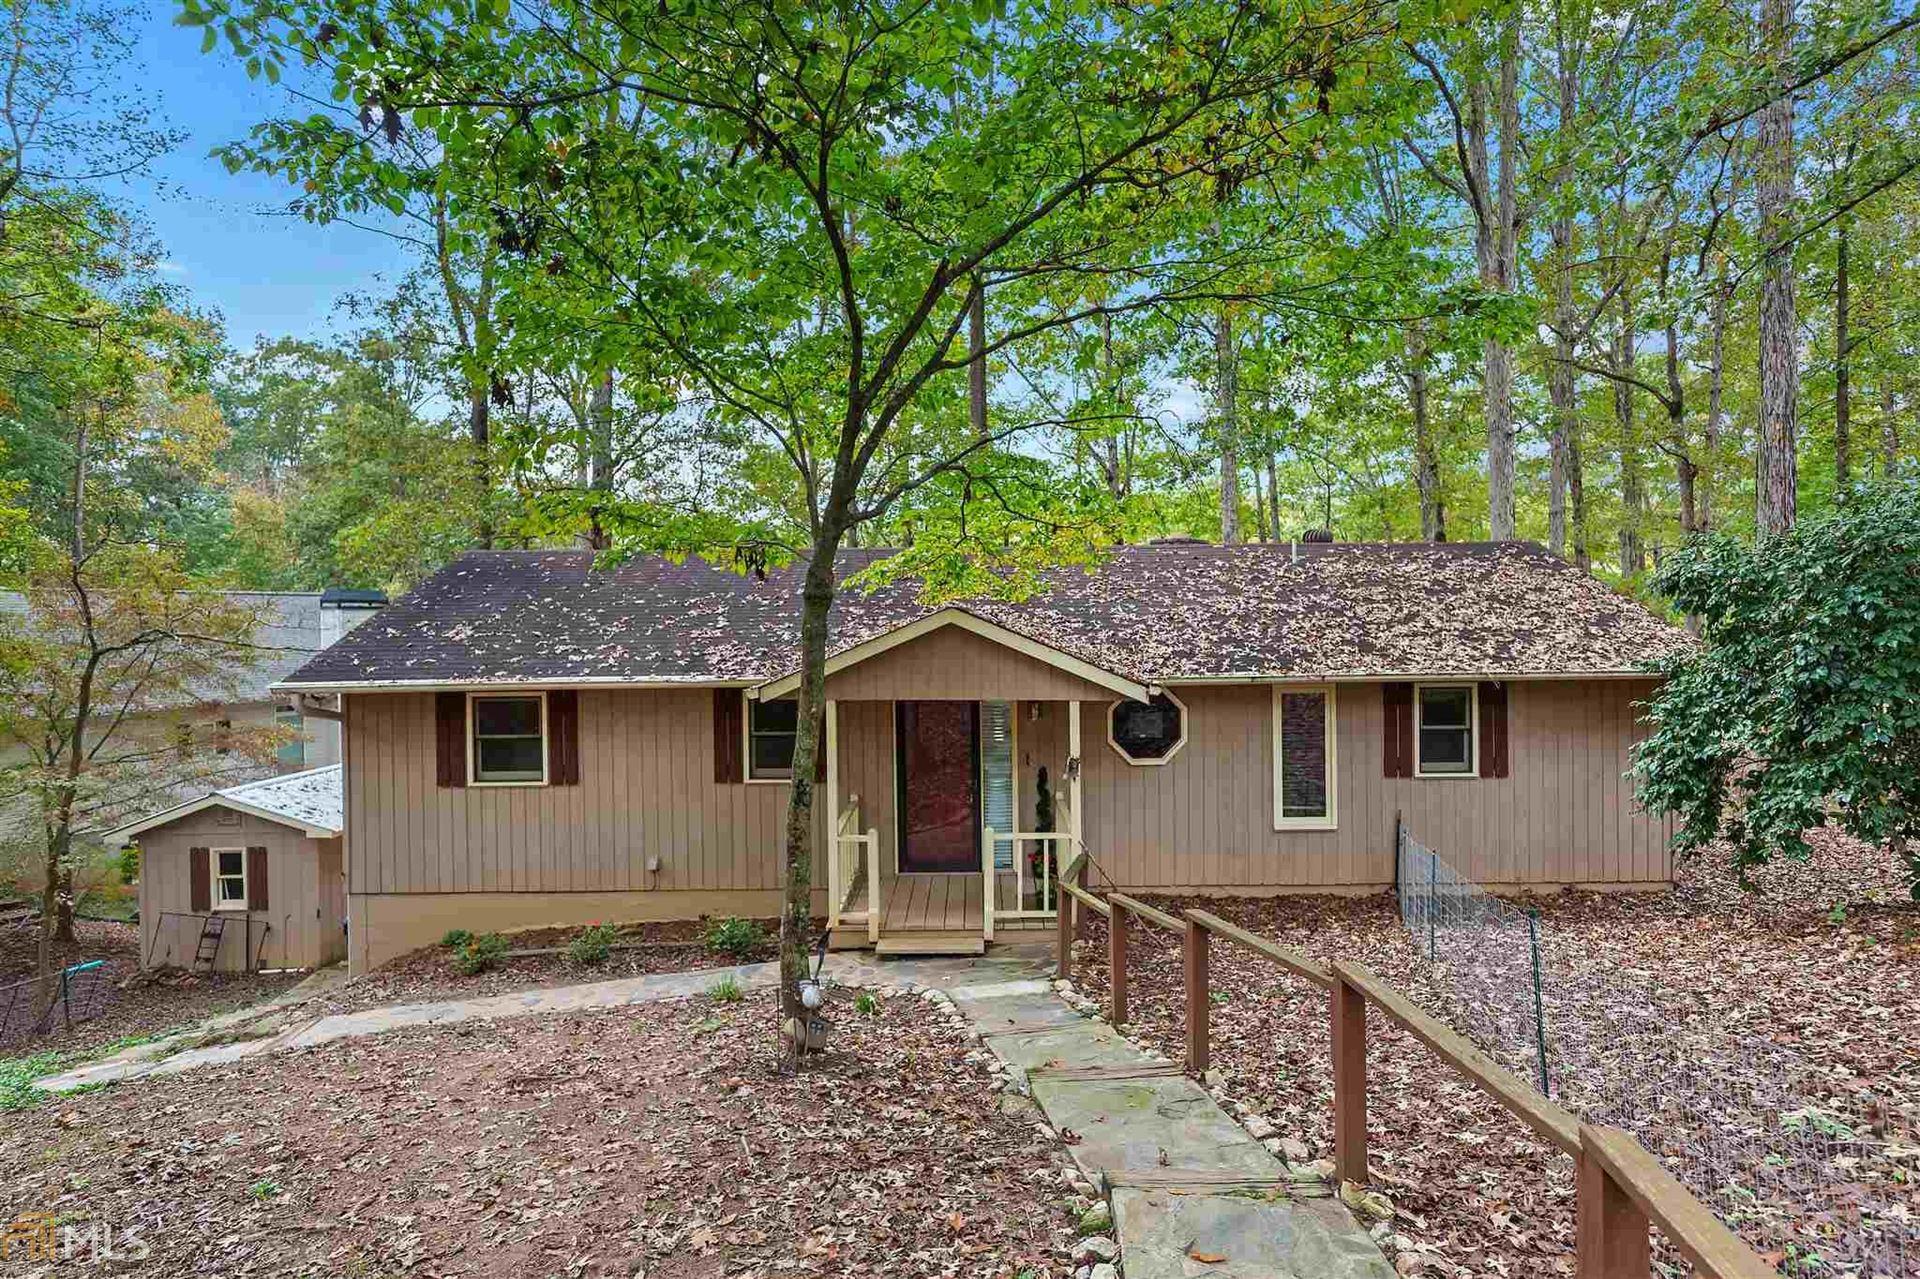 1581 Dobbs Lndg, Hartwell, GA 30643 - MLS#: 8855011